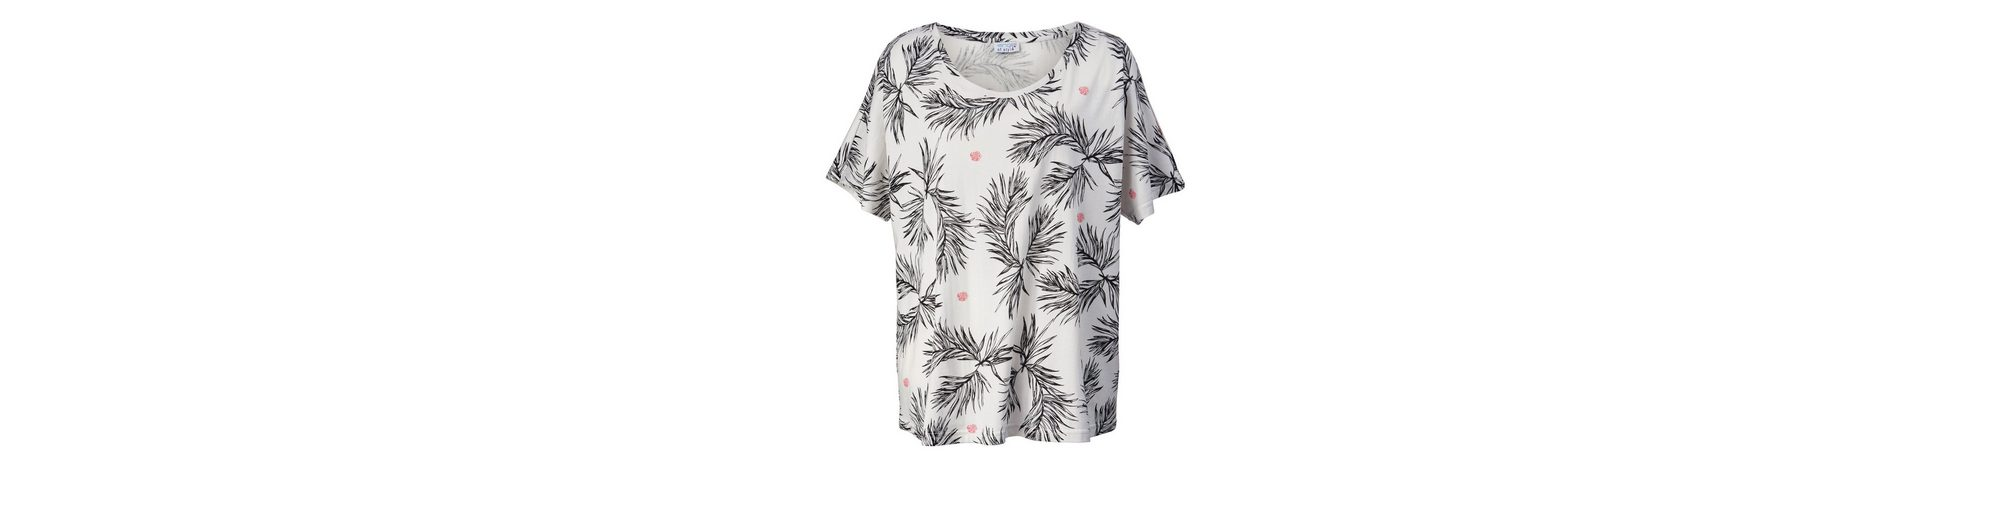 Austrittsstellen Zum Verkauf Niedrig Versandkosten Angel of Style by Happy Size Shirt in Oversize-Form mit Allover-Print MJDwZ